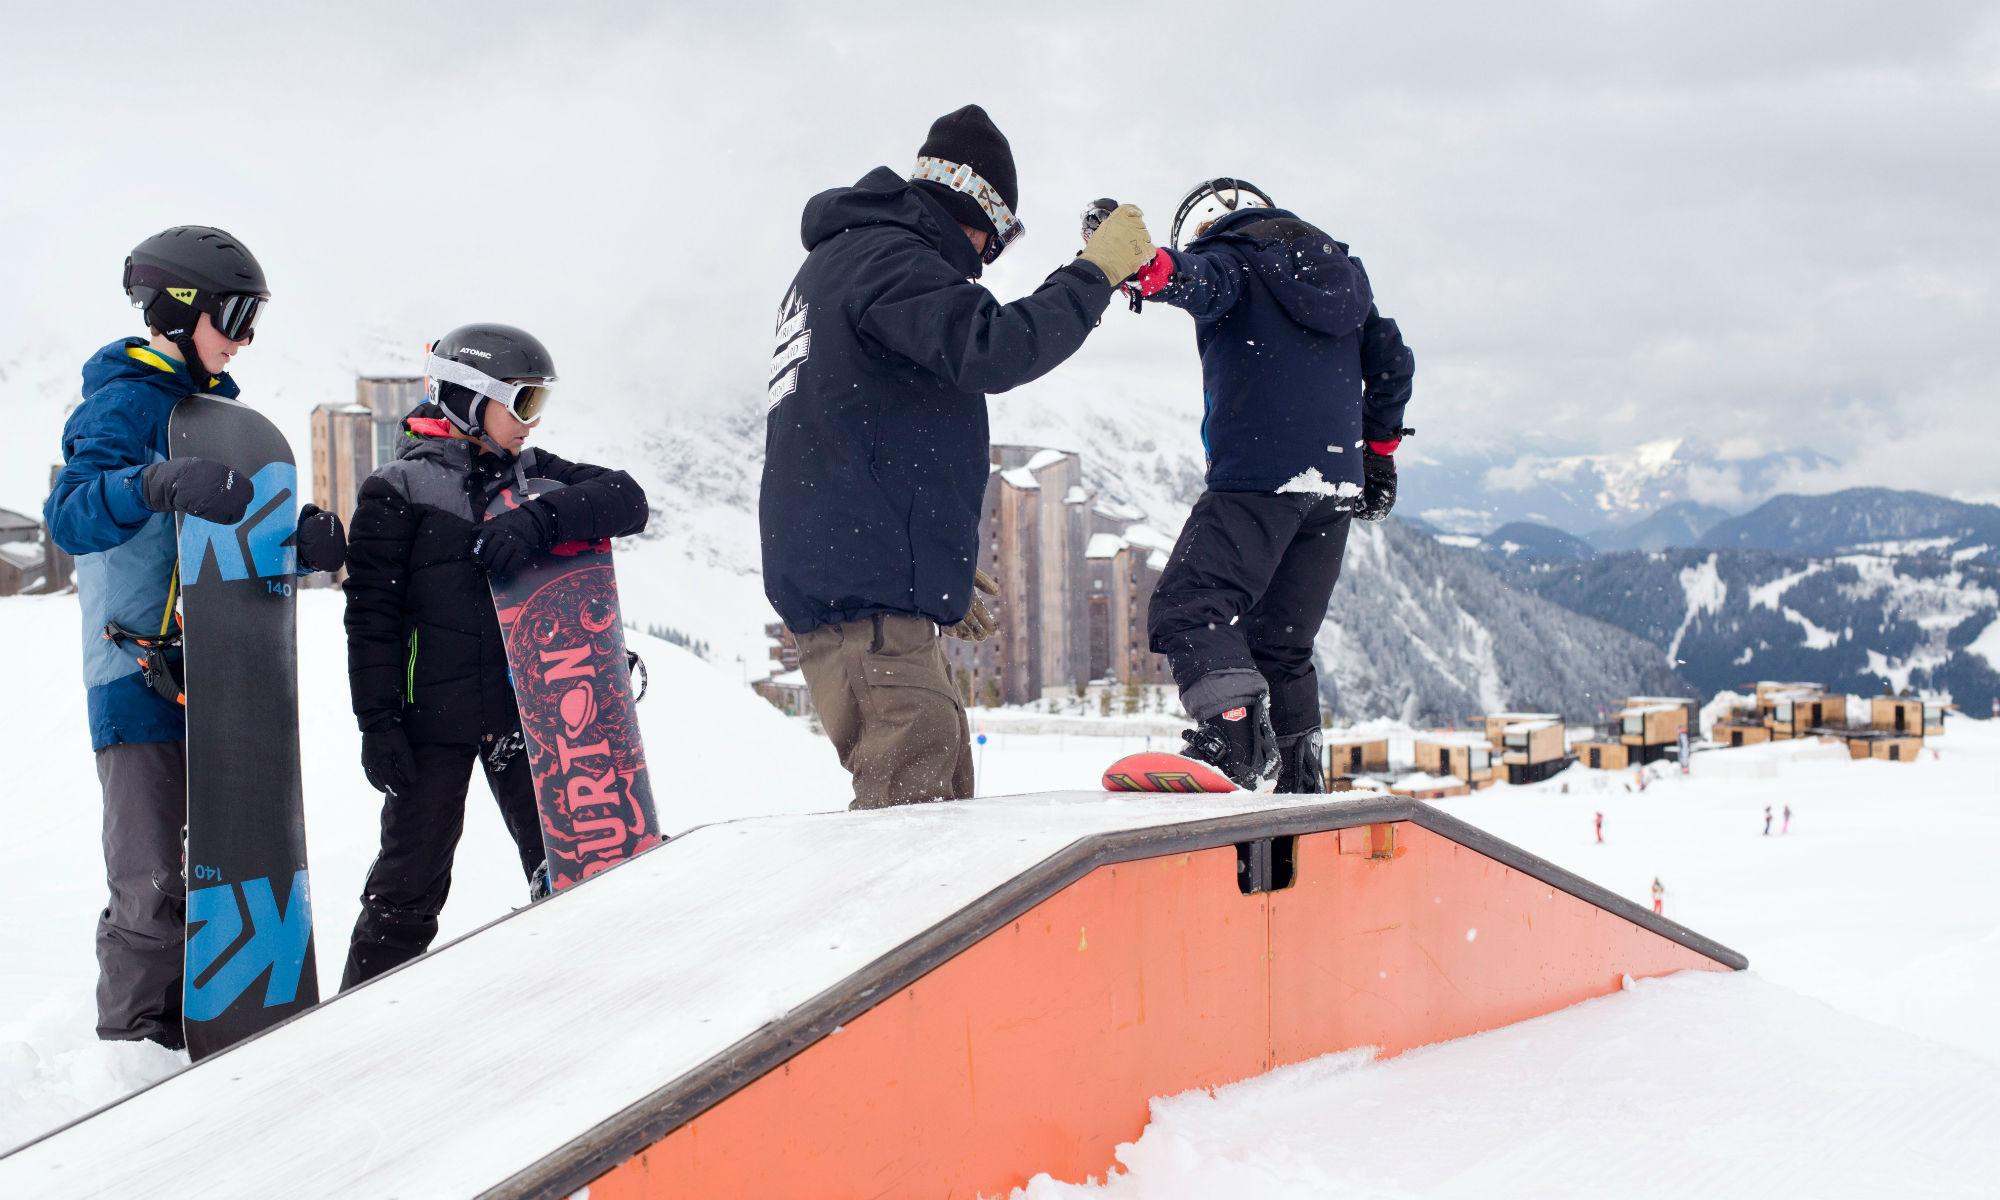 Un papa aide son fils à franchir un module dans le snowpark d'Avoriaz.